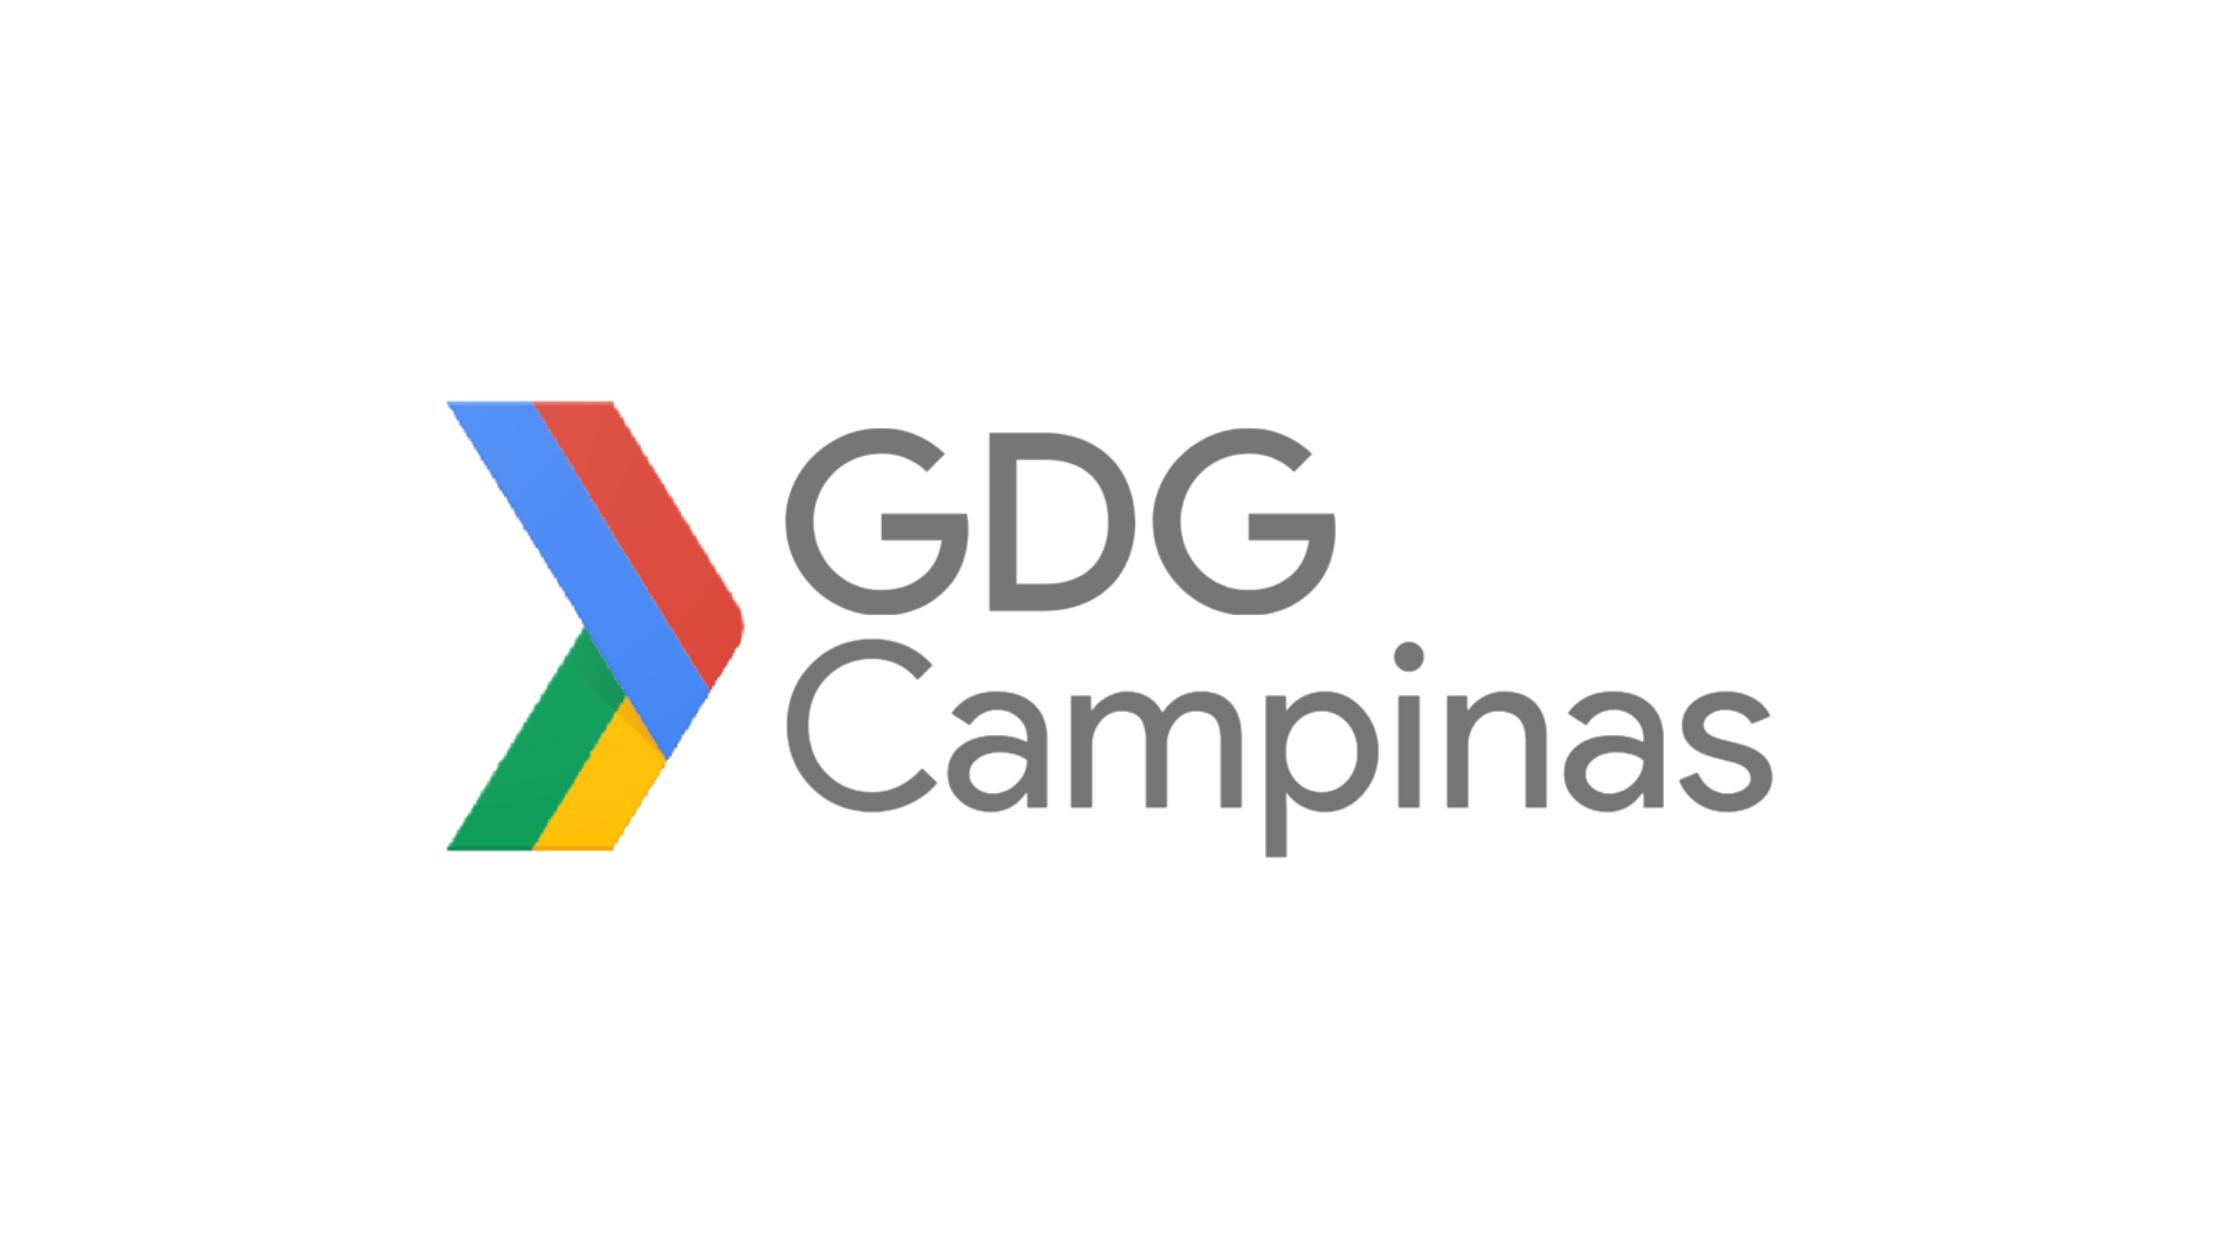 GDG Campinas